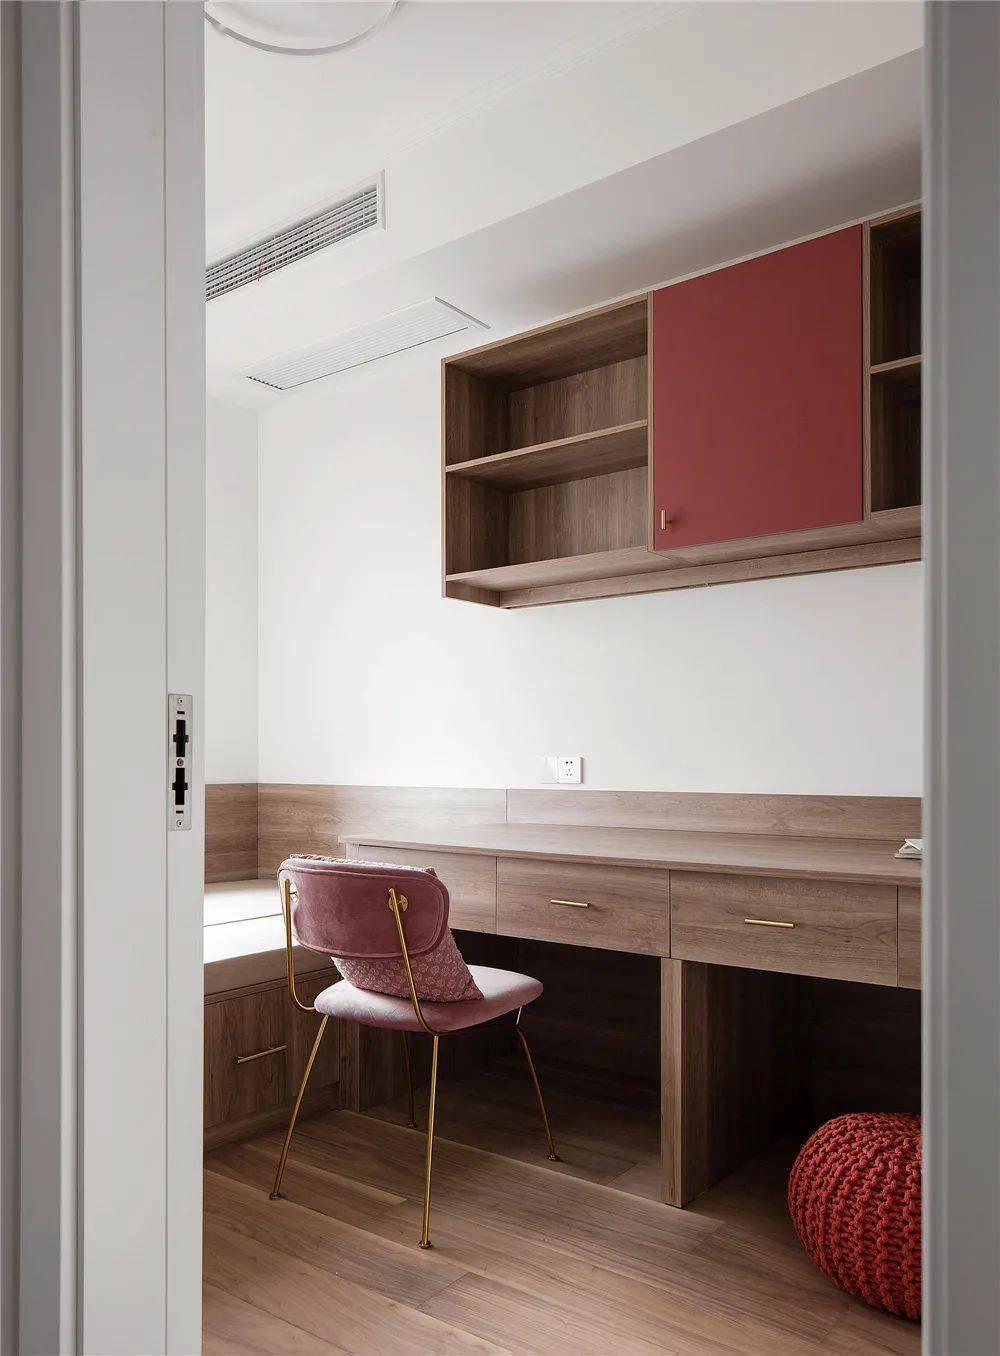 119㎡三居室,红色系与蓝色系混搭,装出不一样的既视感